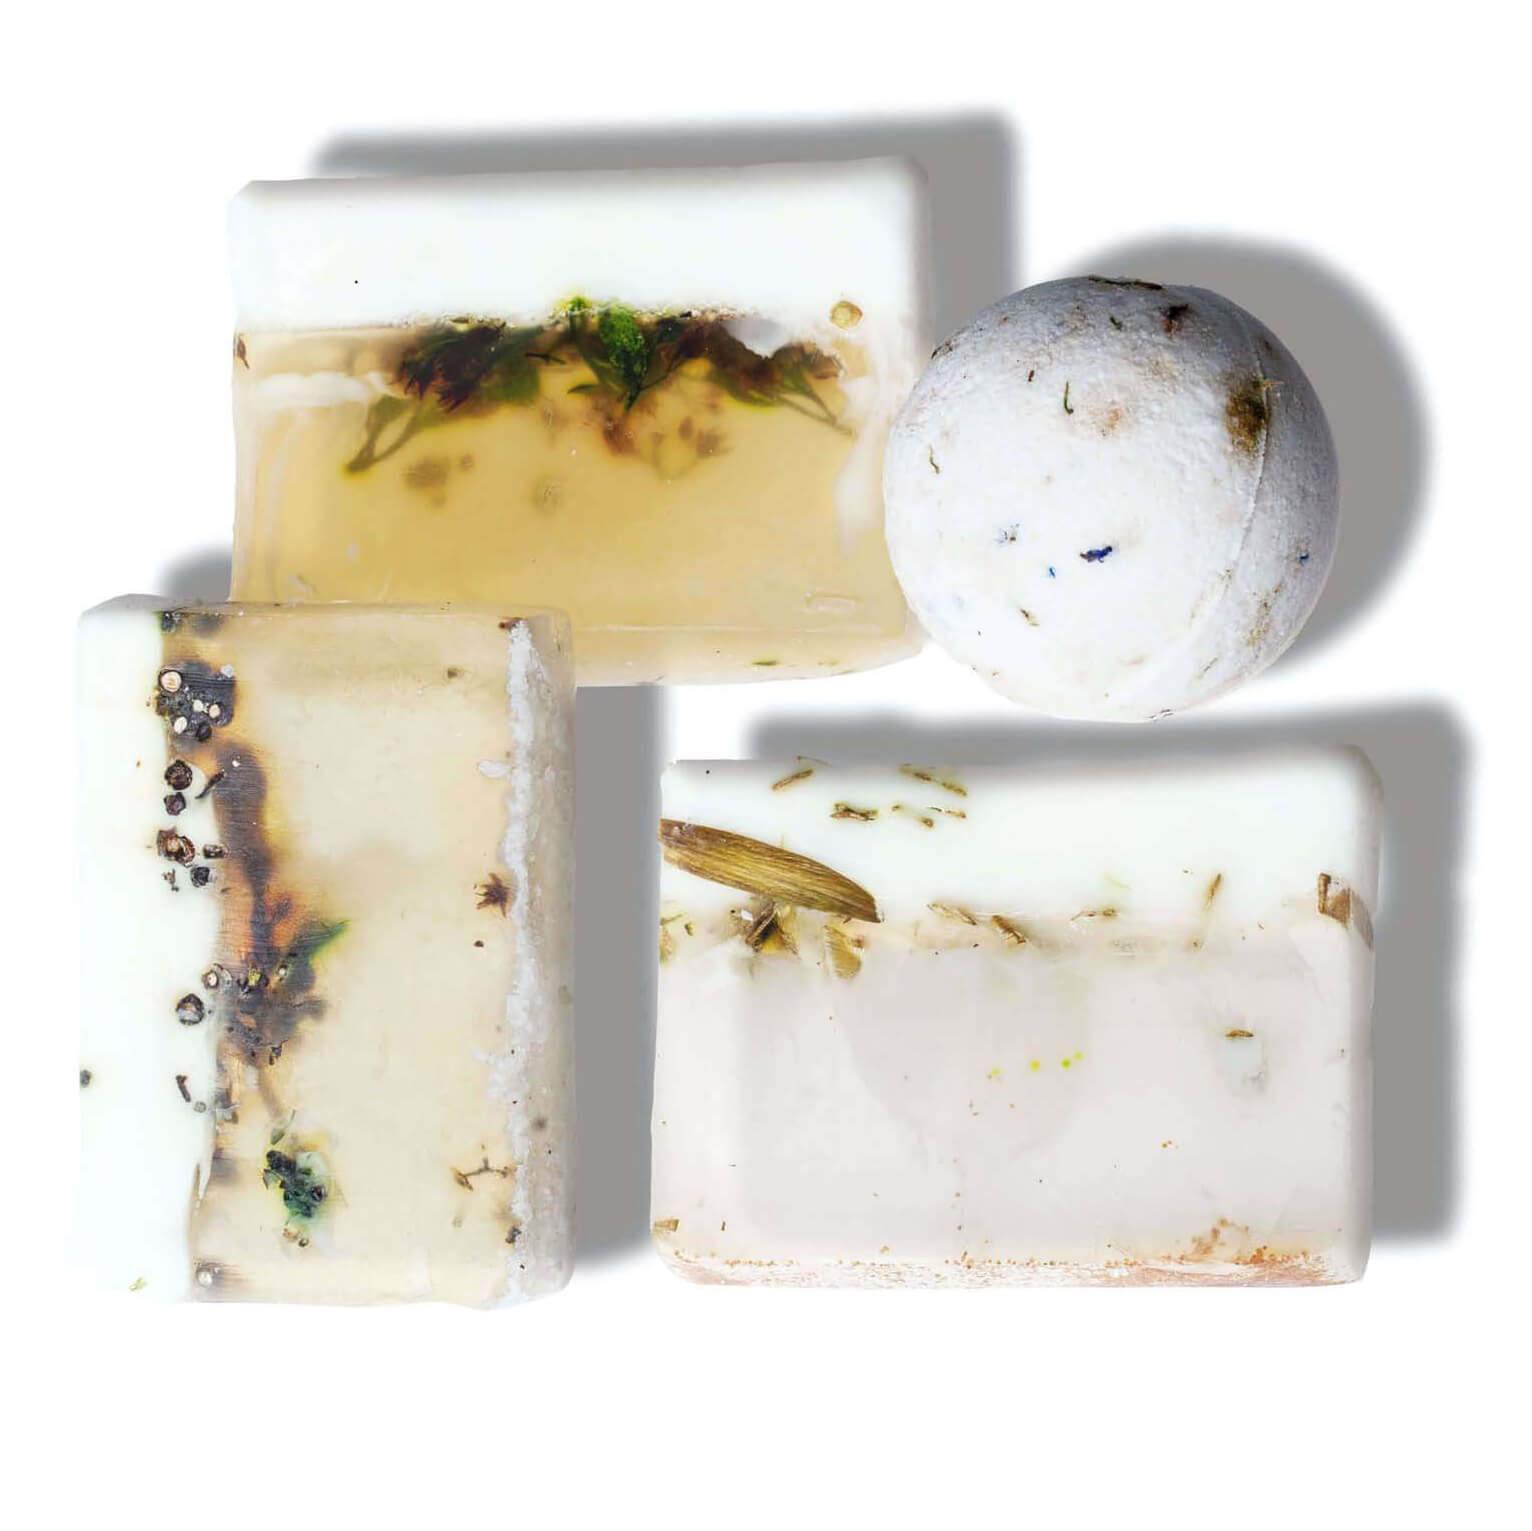 """Набор """"Свежесть"""" из трех кусков мыла и бомбы для ванны с ароматами: шалфей, розмарин, эвкалипт, лемонграсс. Запахи сета улучшают память и концентрацию, настраивают на работу и помогают полностью погрузиться в нее.  Начните день с любого из запахов - мыло просто идеально для умывания. А бомба для ванны с бодрящим запахом пригодится перед вечеринкой."""